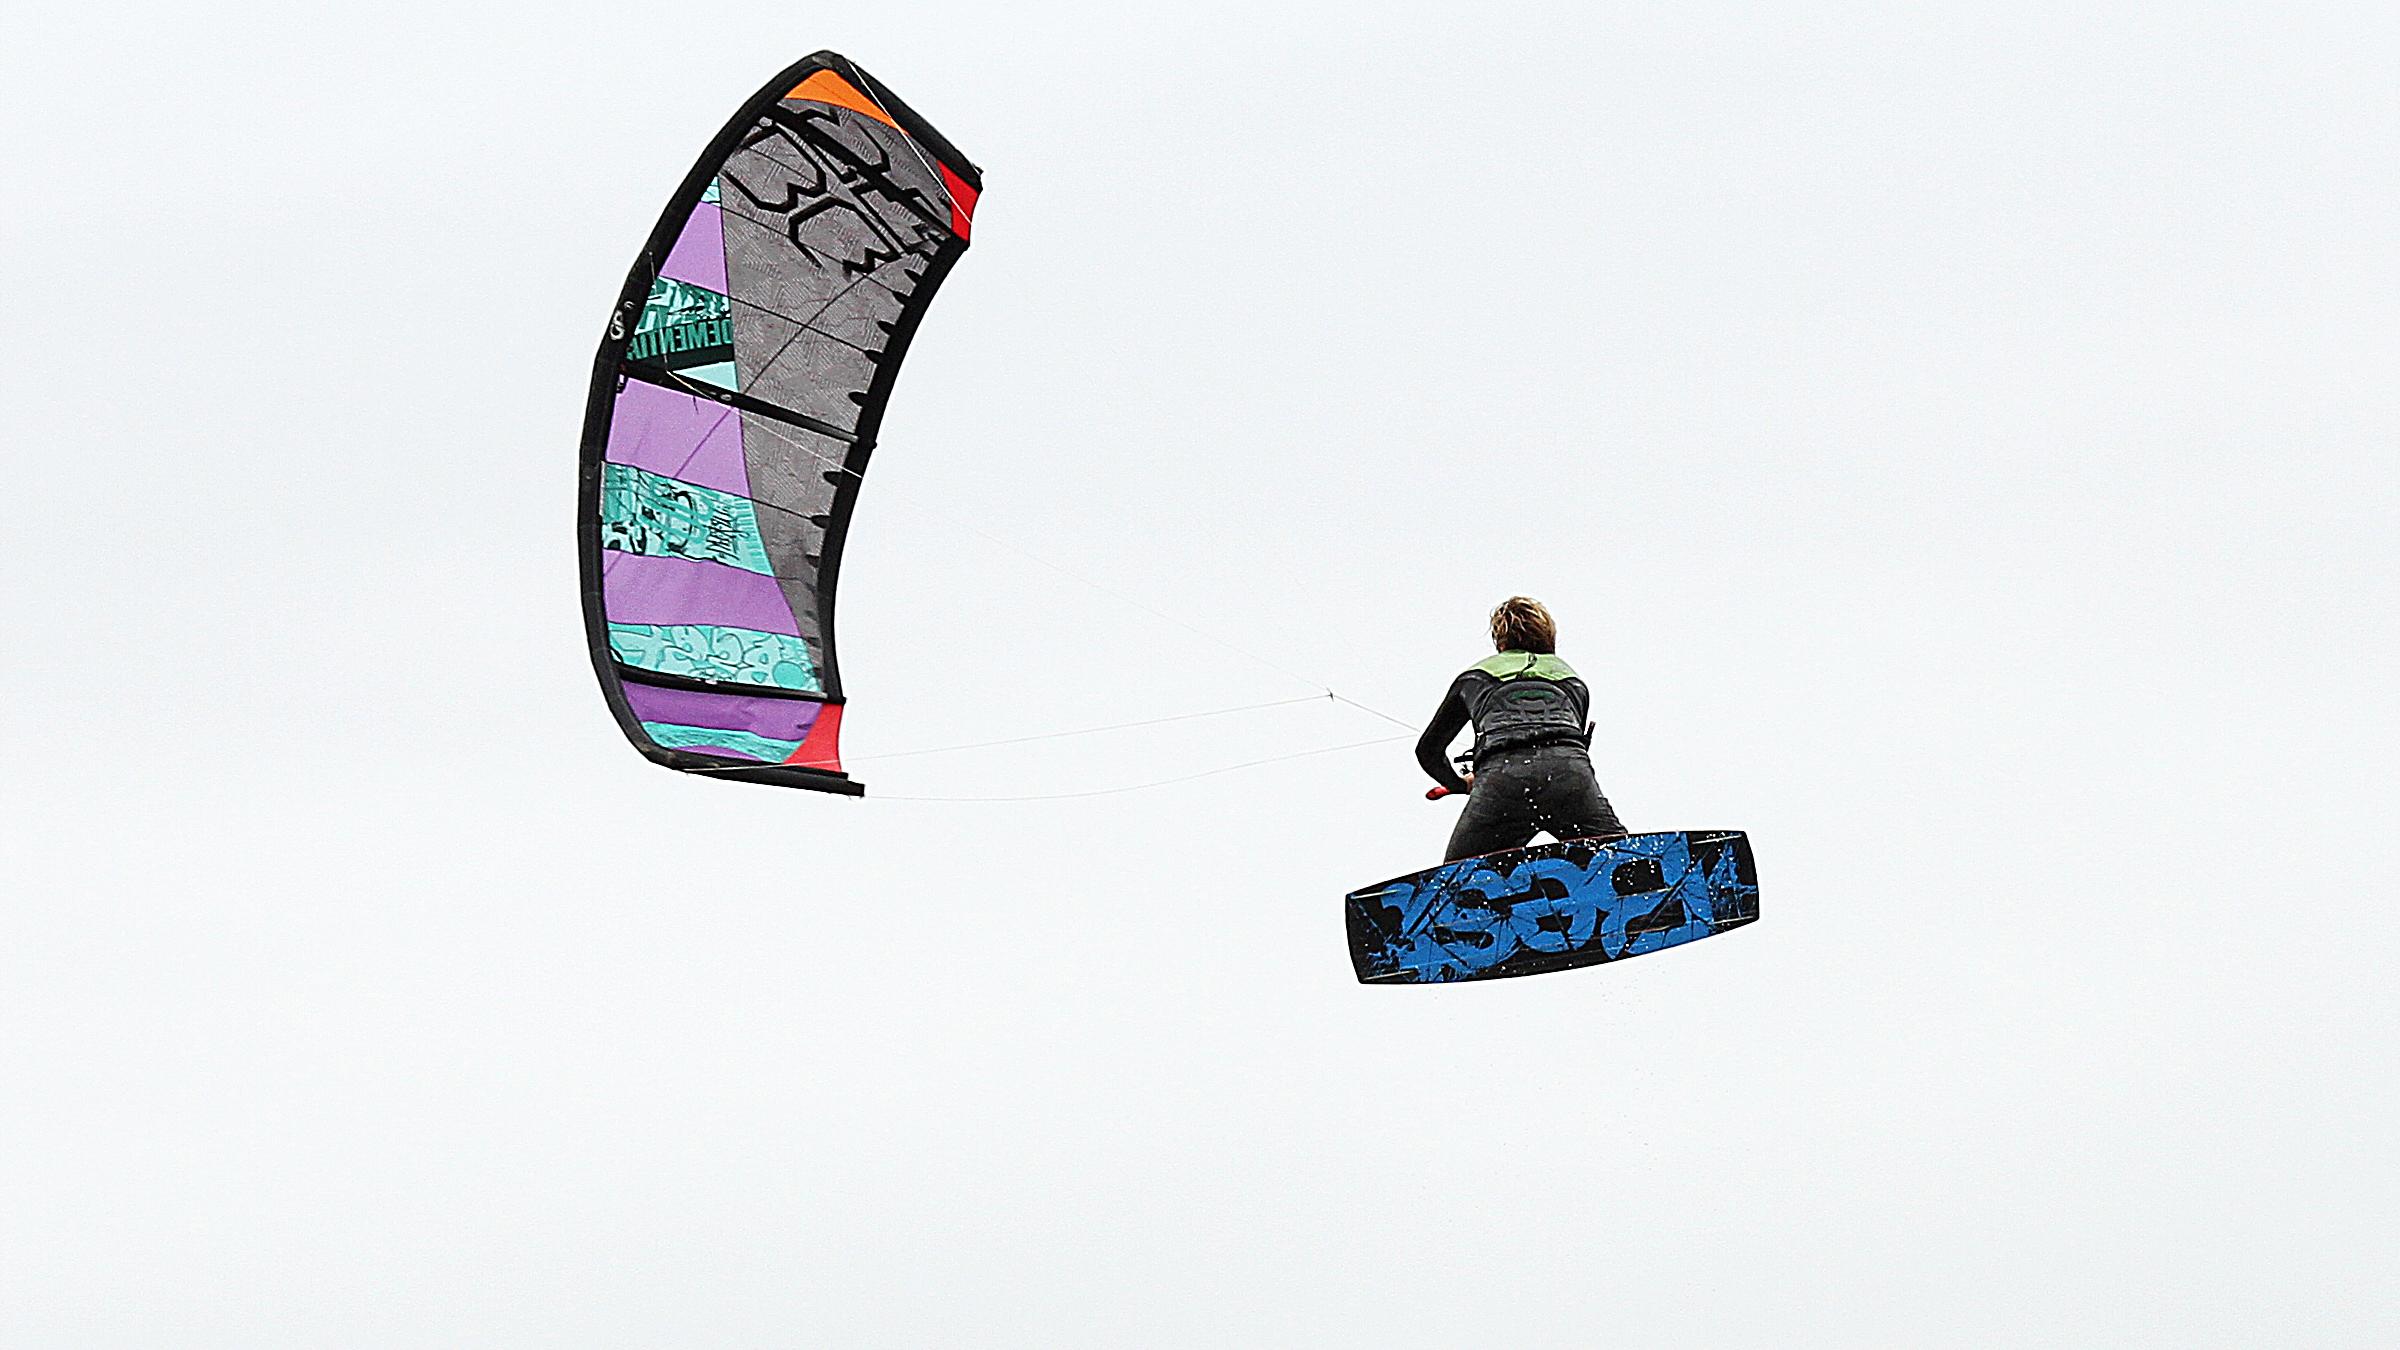 kitesurf wallpaper image - Sam Medysky megaloop - in resolution: High Definition - HD 16:9 2400 X 1350